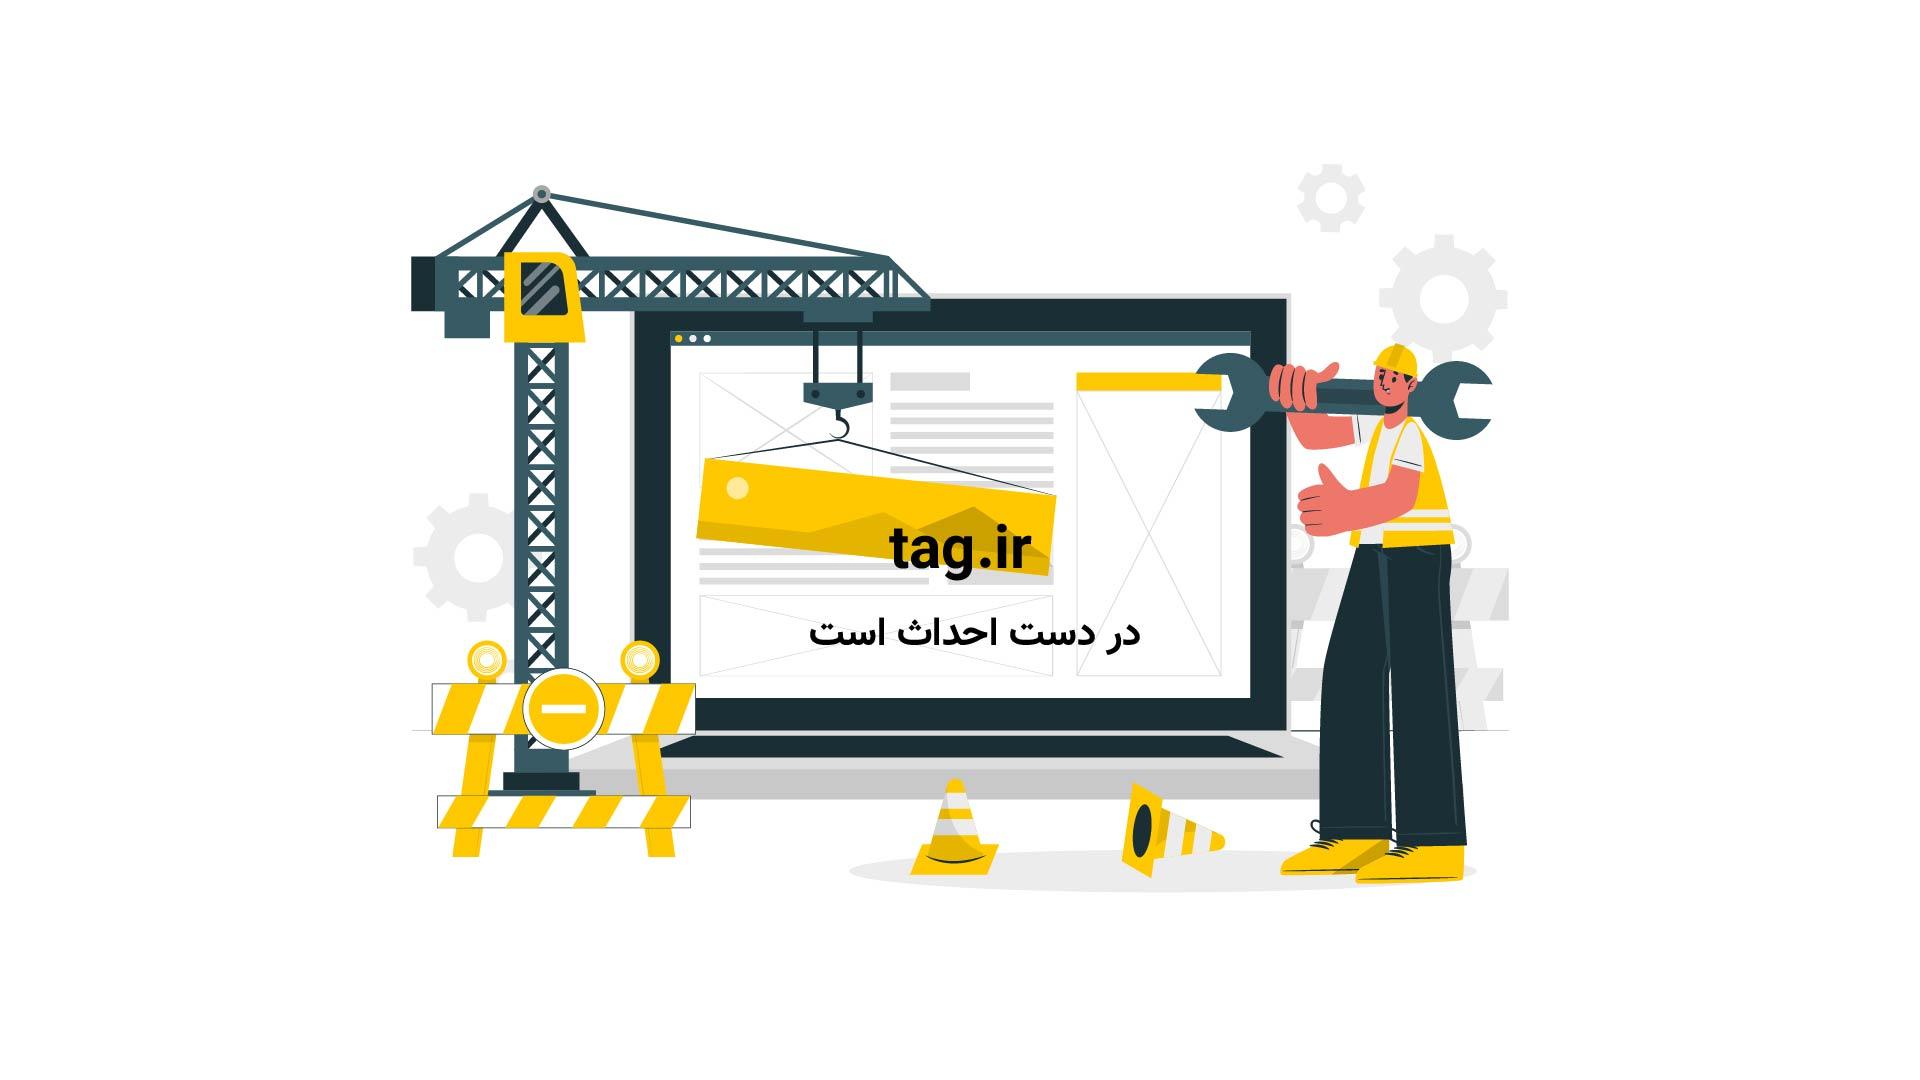 افتادن بچه خرس قطبی در آب و تلاش مادر برای نجاتش|تگ